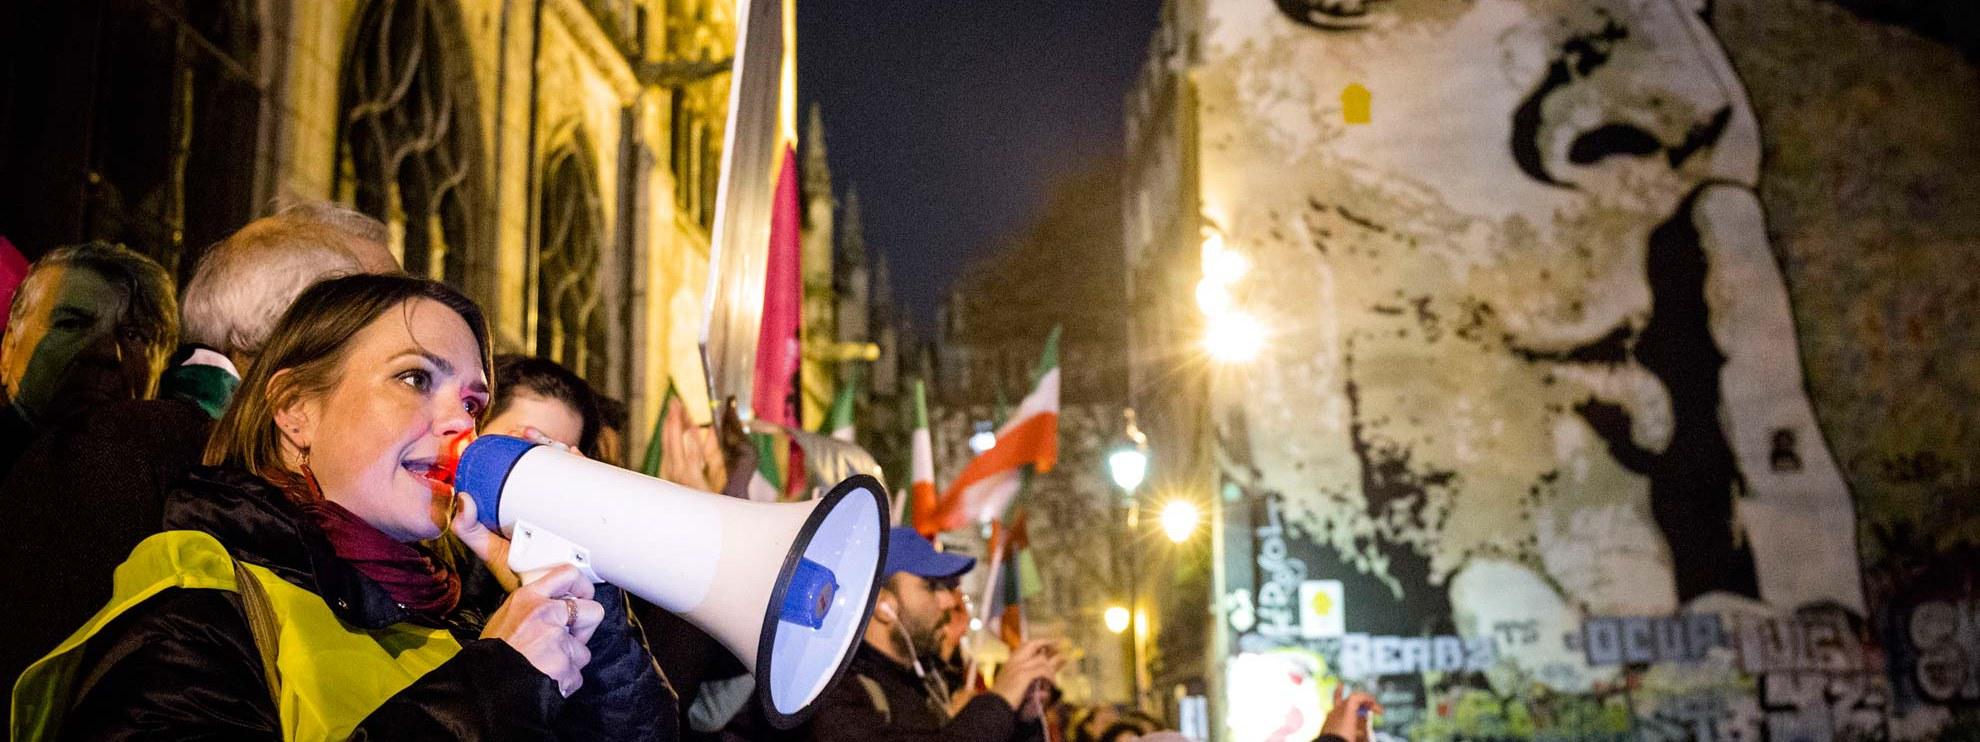 Des manifestants à Paris demandent la protection des civils d'Alep. © Pierre-Yves Brunaud / Picturetank